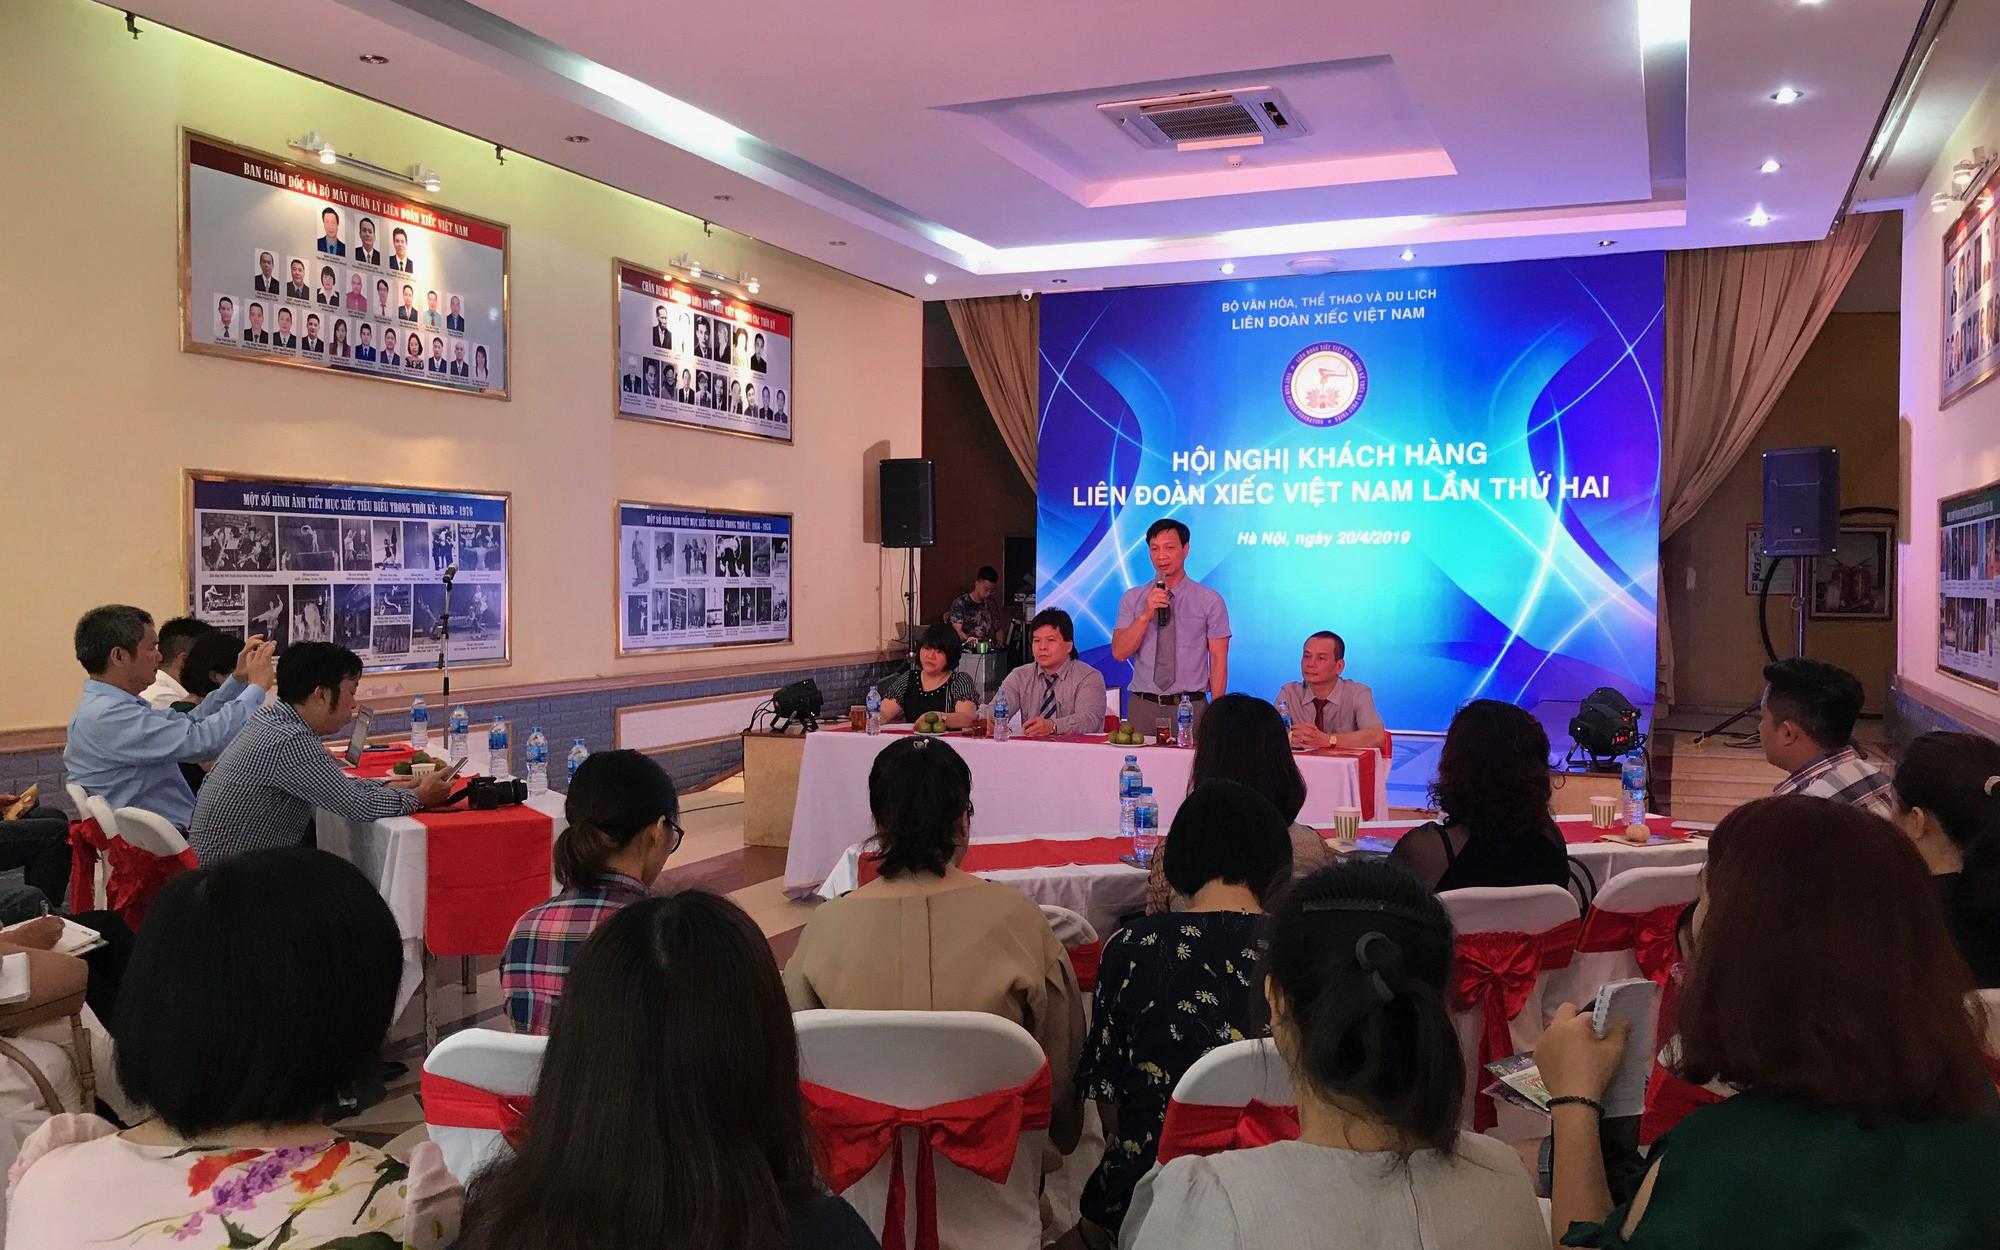 Liên đoàn Xiếc Việt Nam lấy ý kiến để phục vụ khán giả tốt hơn